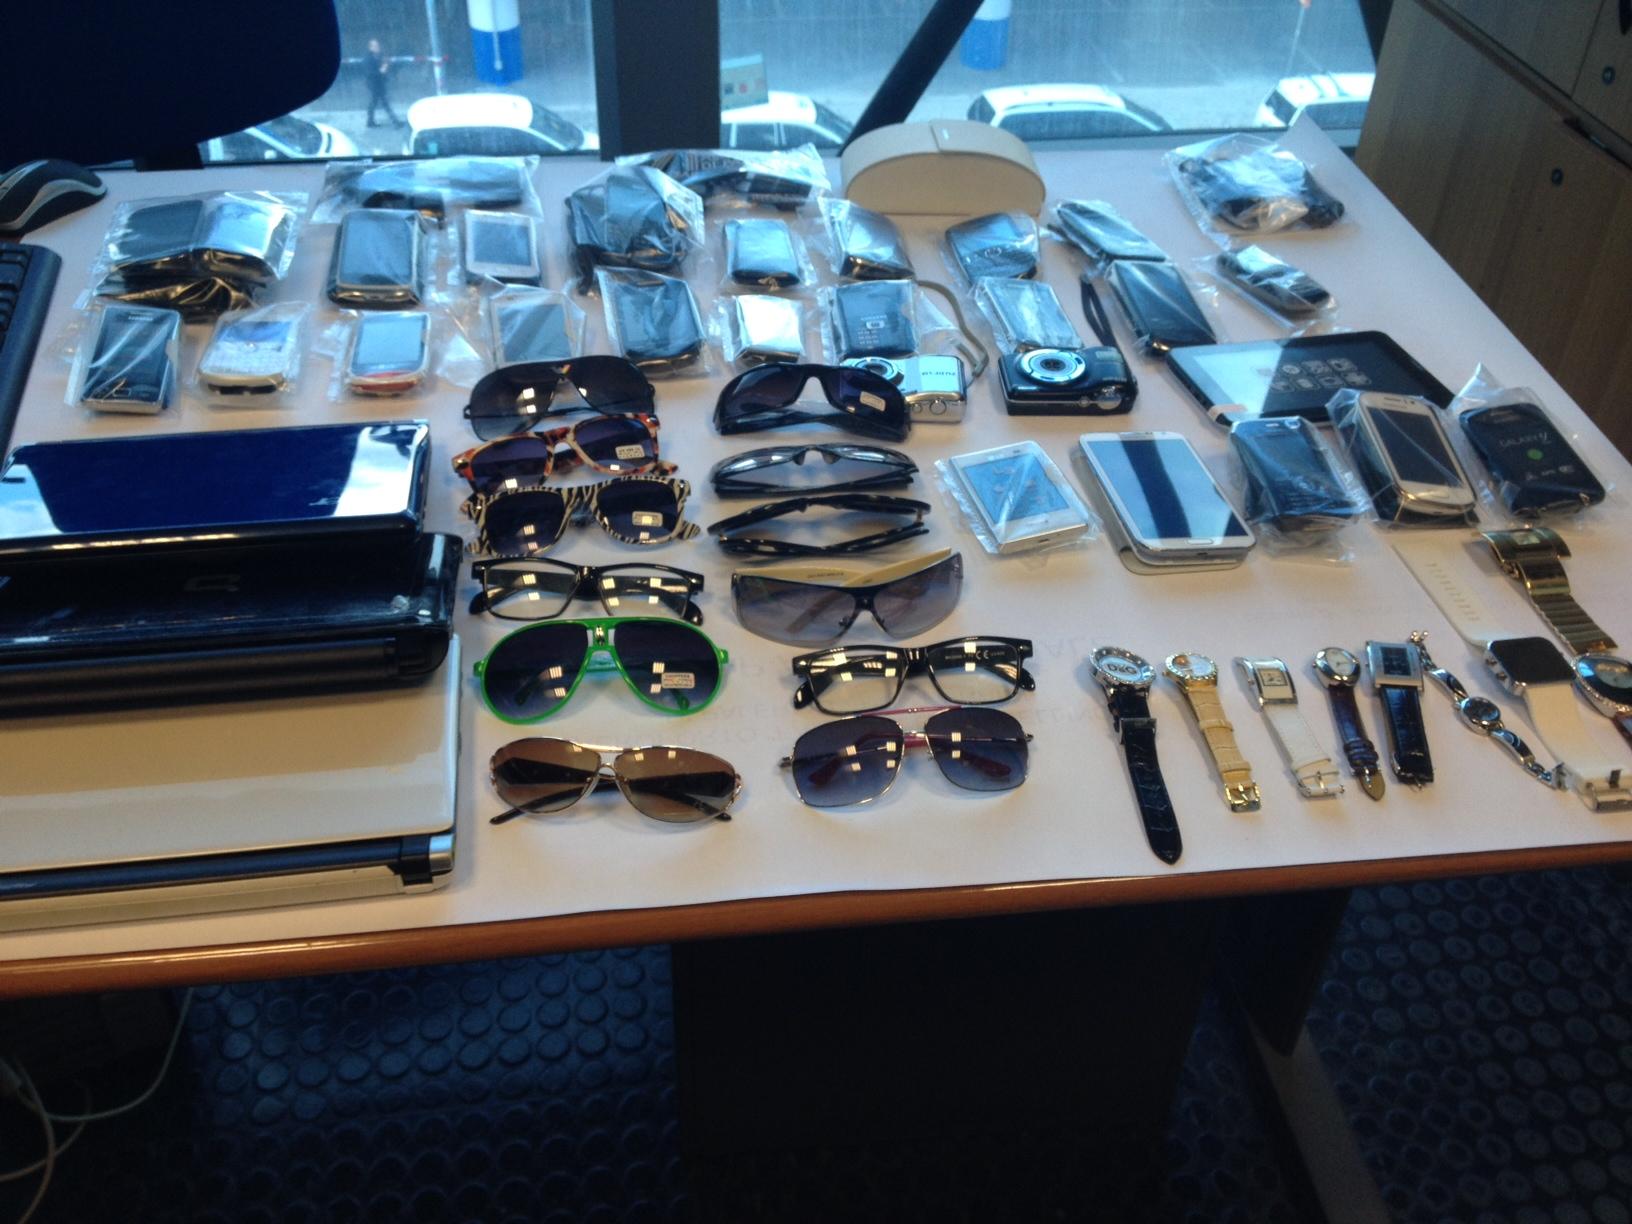 Nel bagaglio 43 cellulari, la polizia ferma una donna all´aeroporto